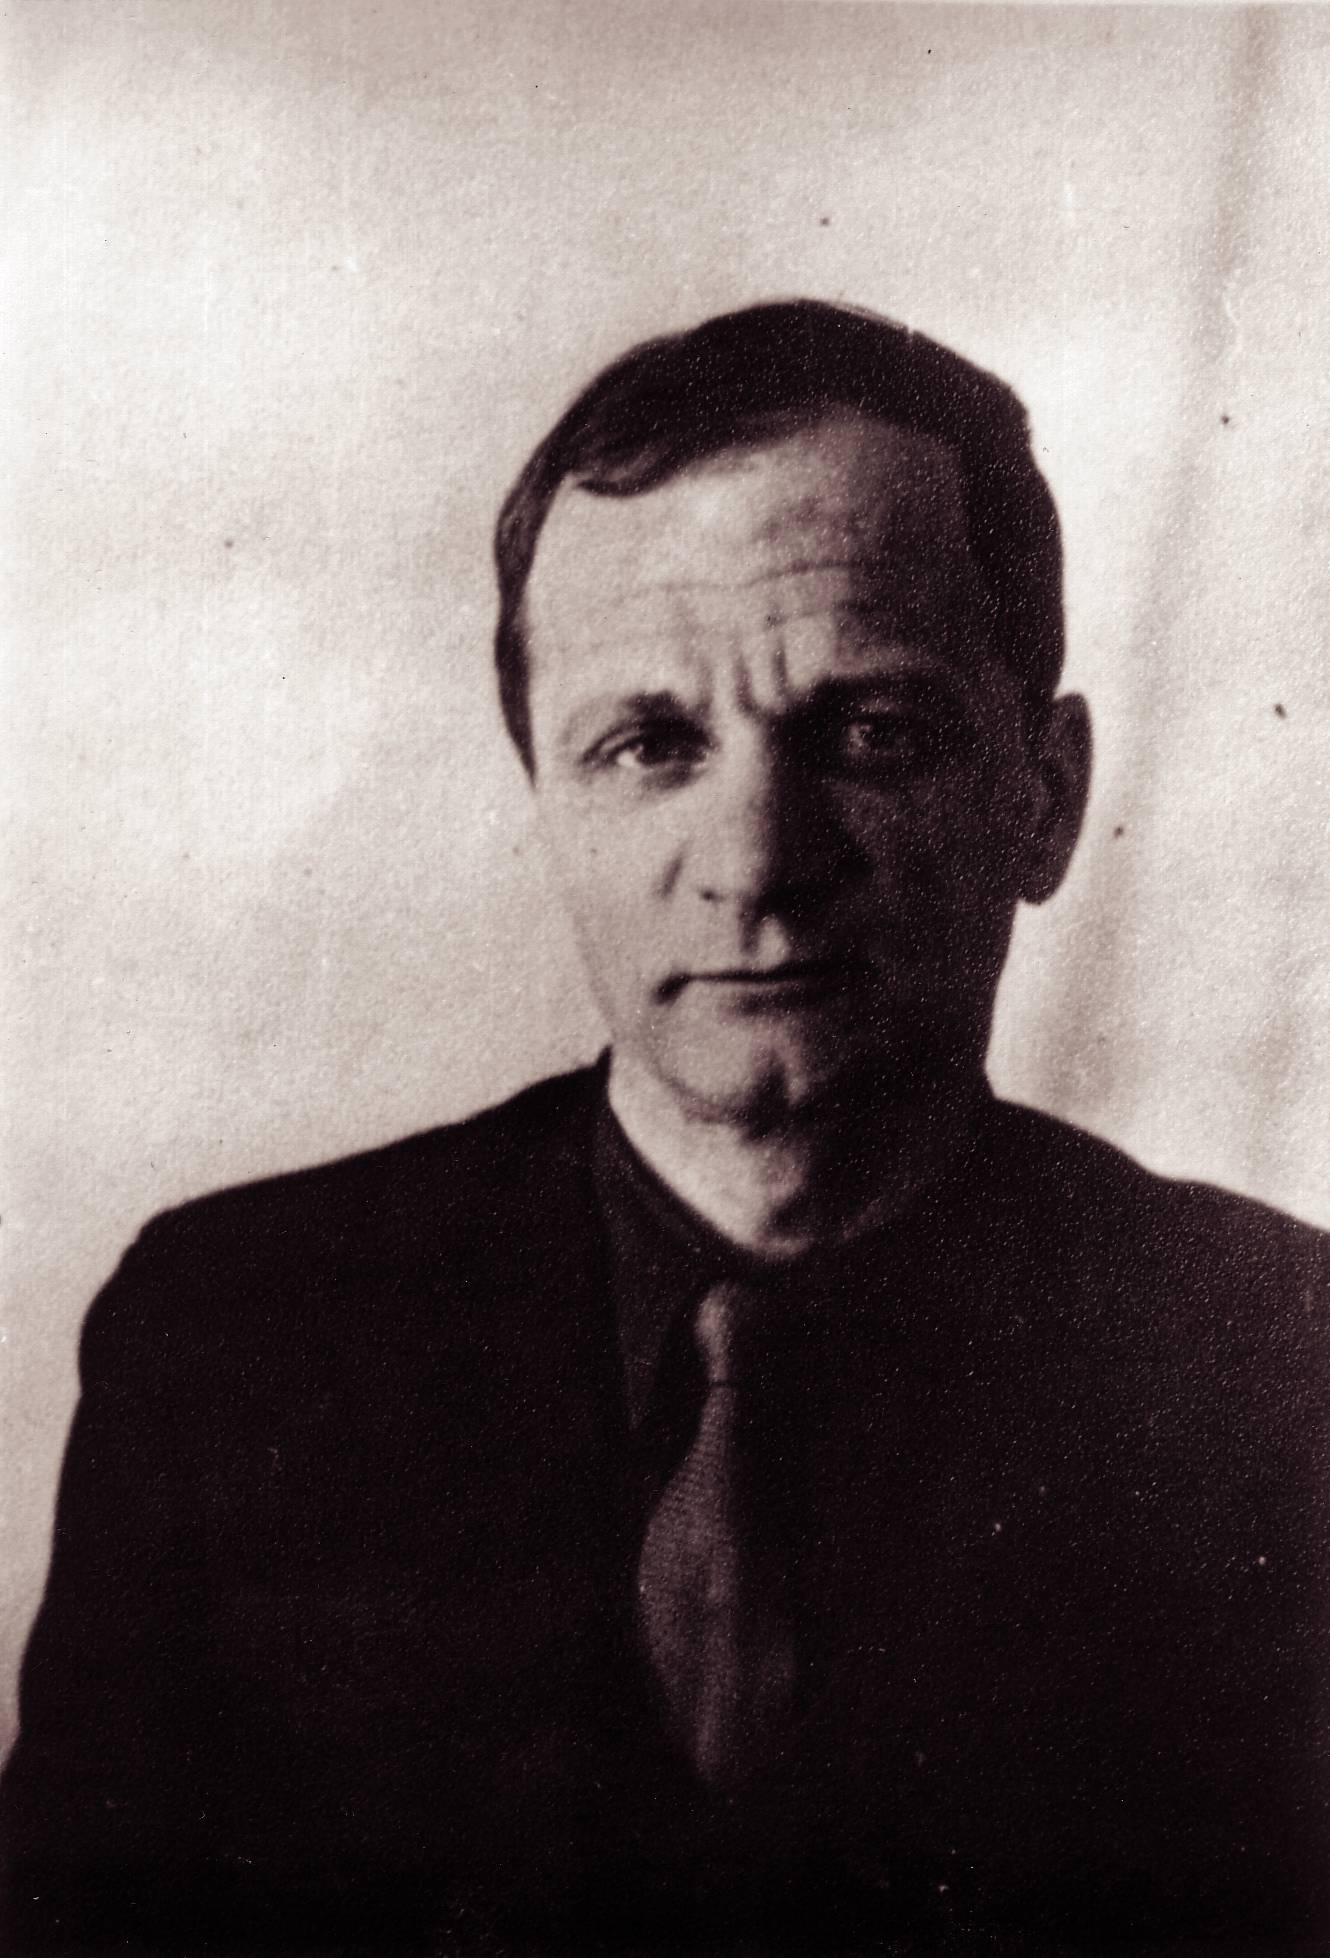 Andrej-platonovic-platonov-1938